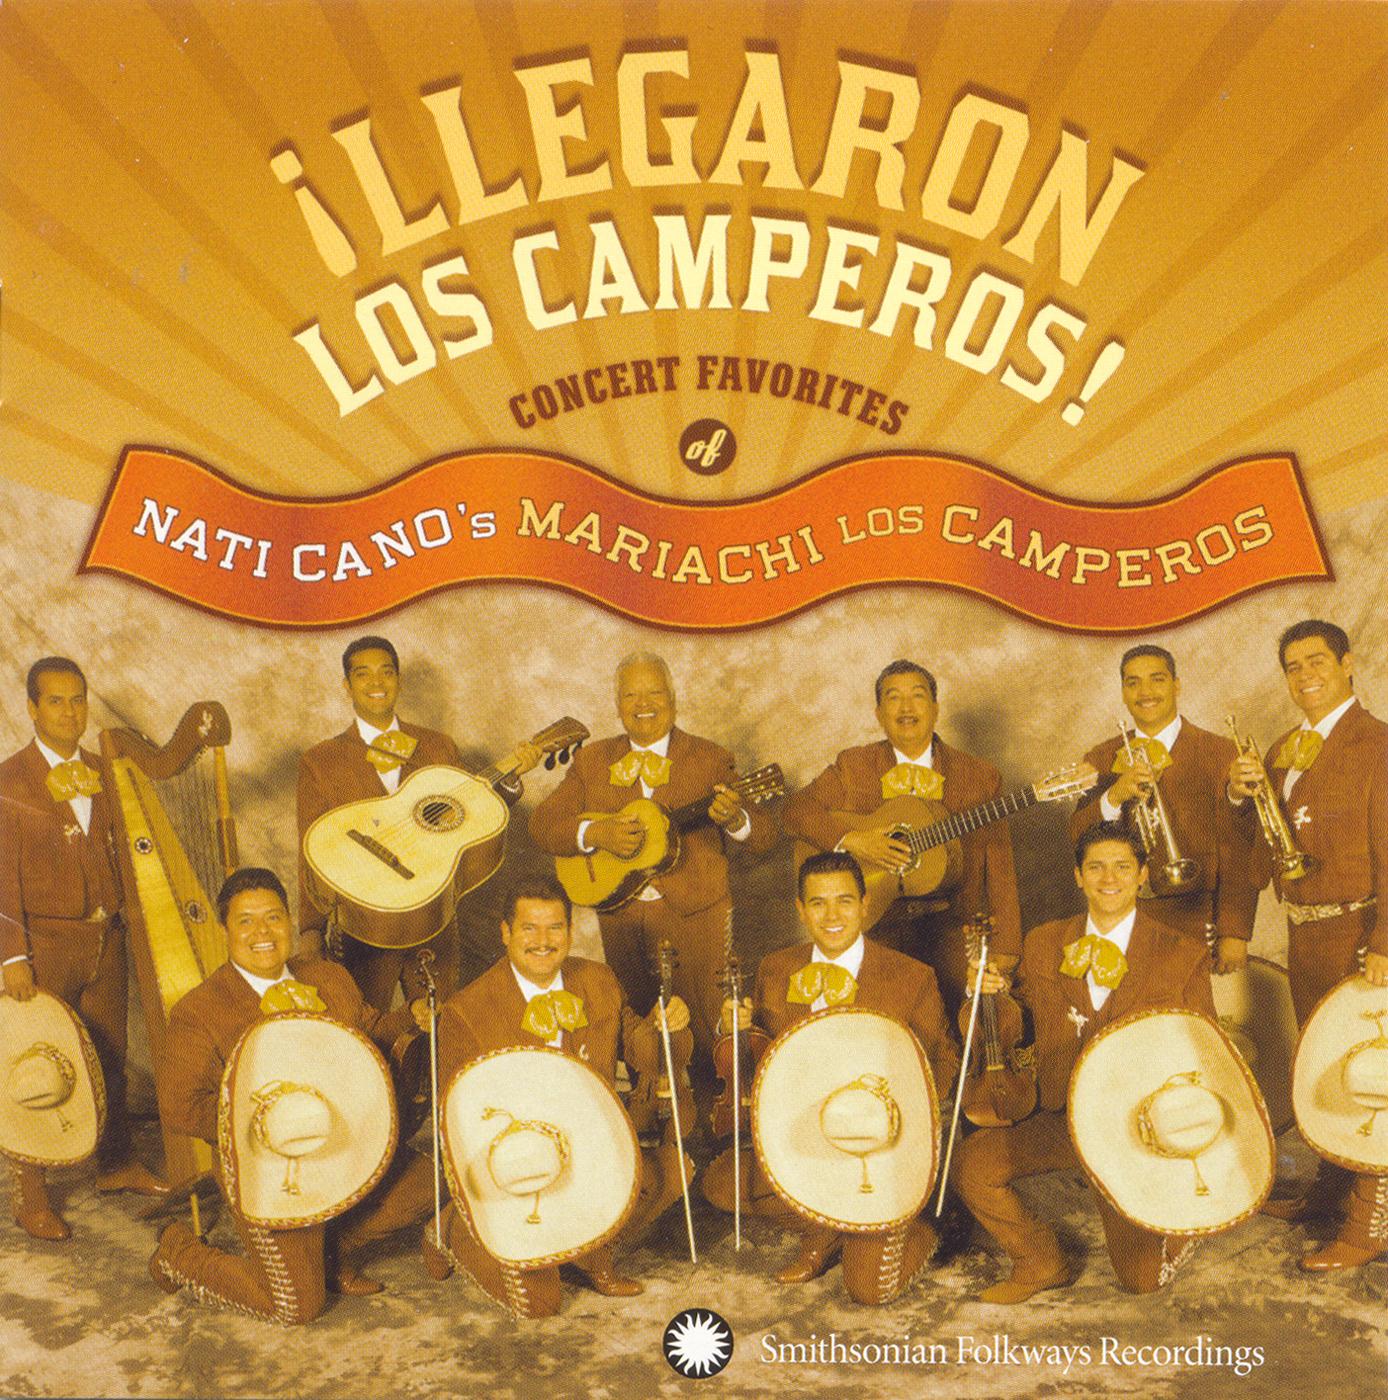 Llegaron Los Camperos! | Smithsonian Folkways Recordings